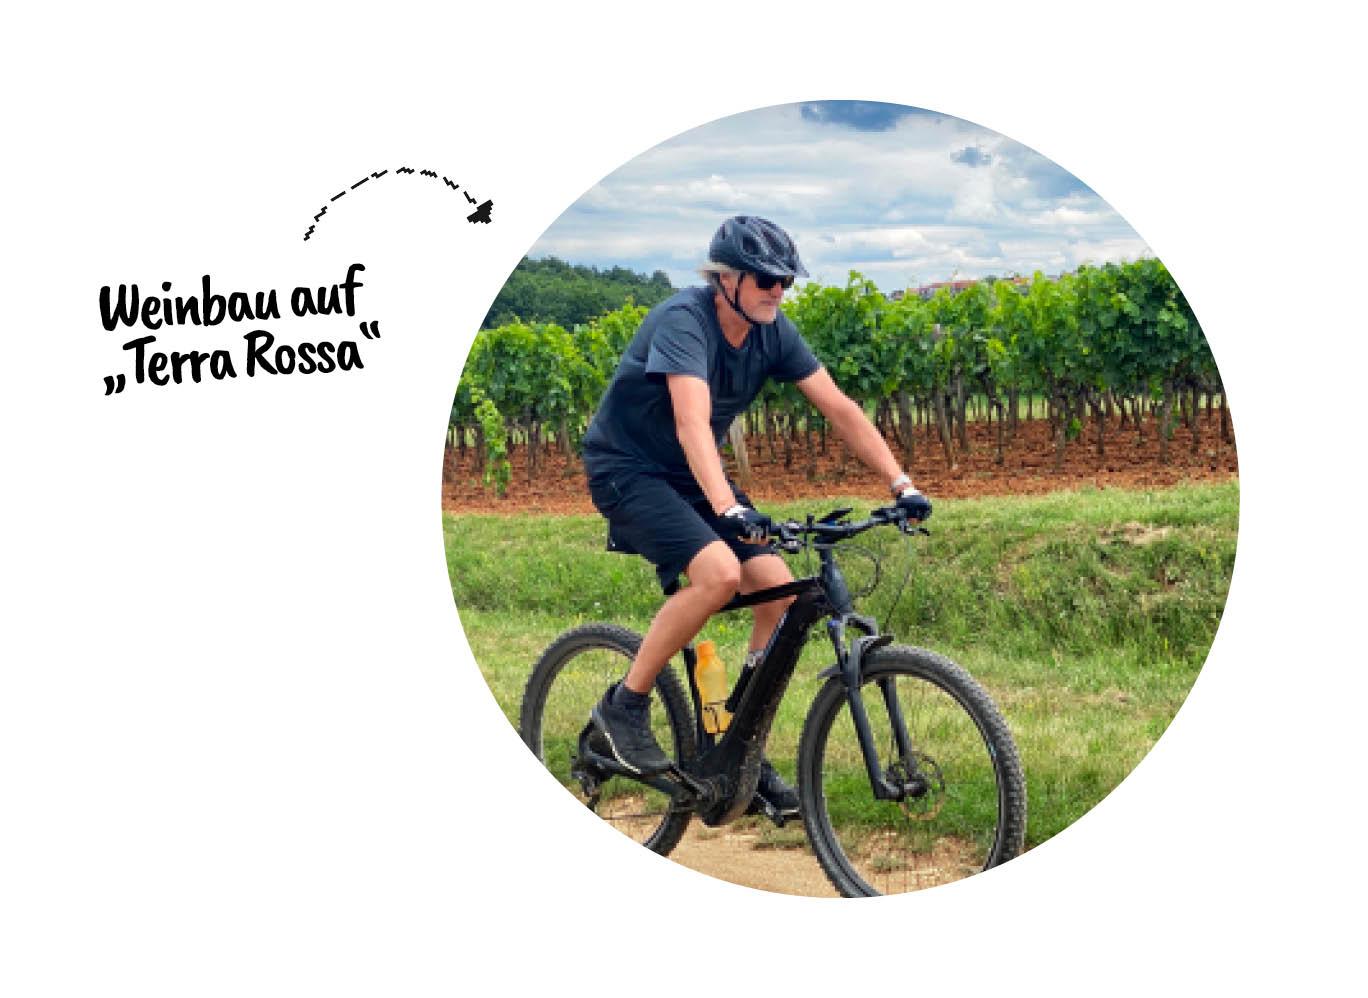 Weinbau auf Terra Rossa